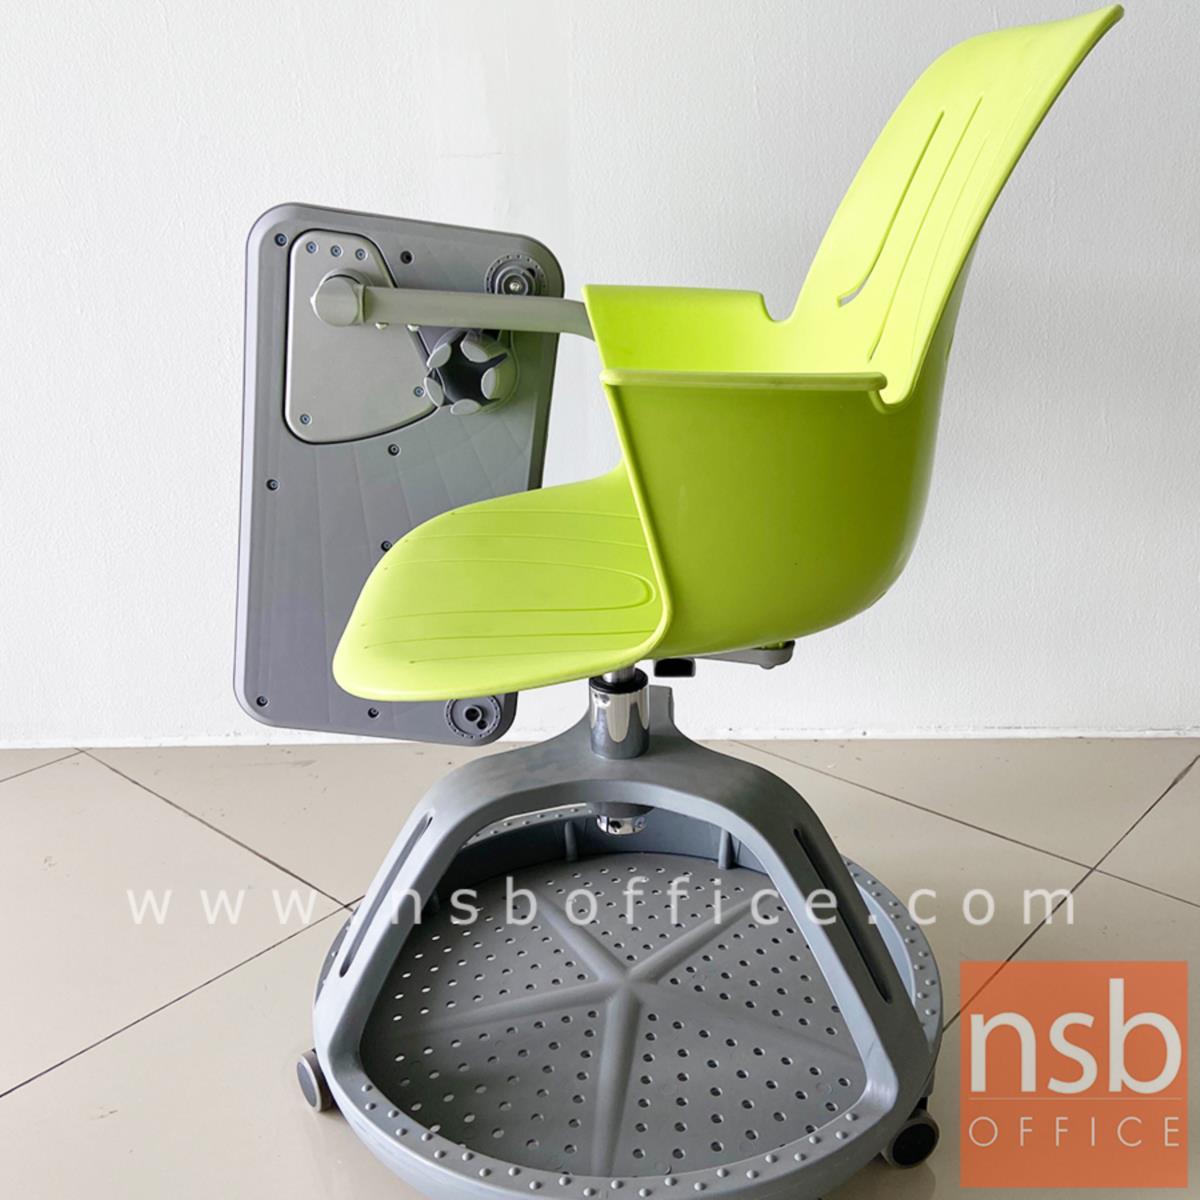 เก้าอี้เลคเชอร์เฟรมโพลี่ล้อเลื่อน รุ่น Dion (ดิออน)  ฐานกลมวางกระเป๋าได้